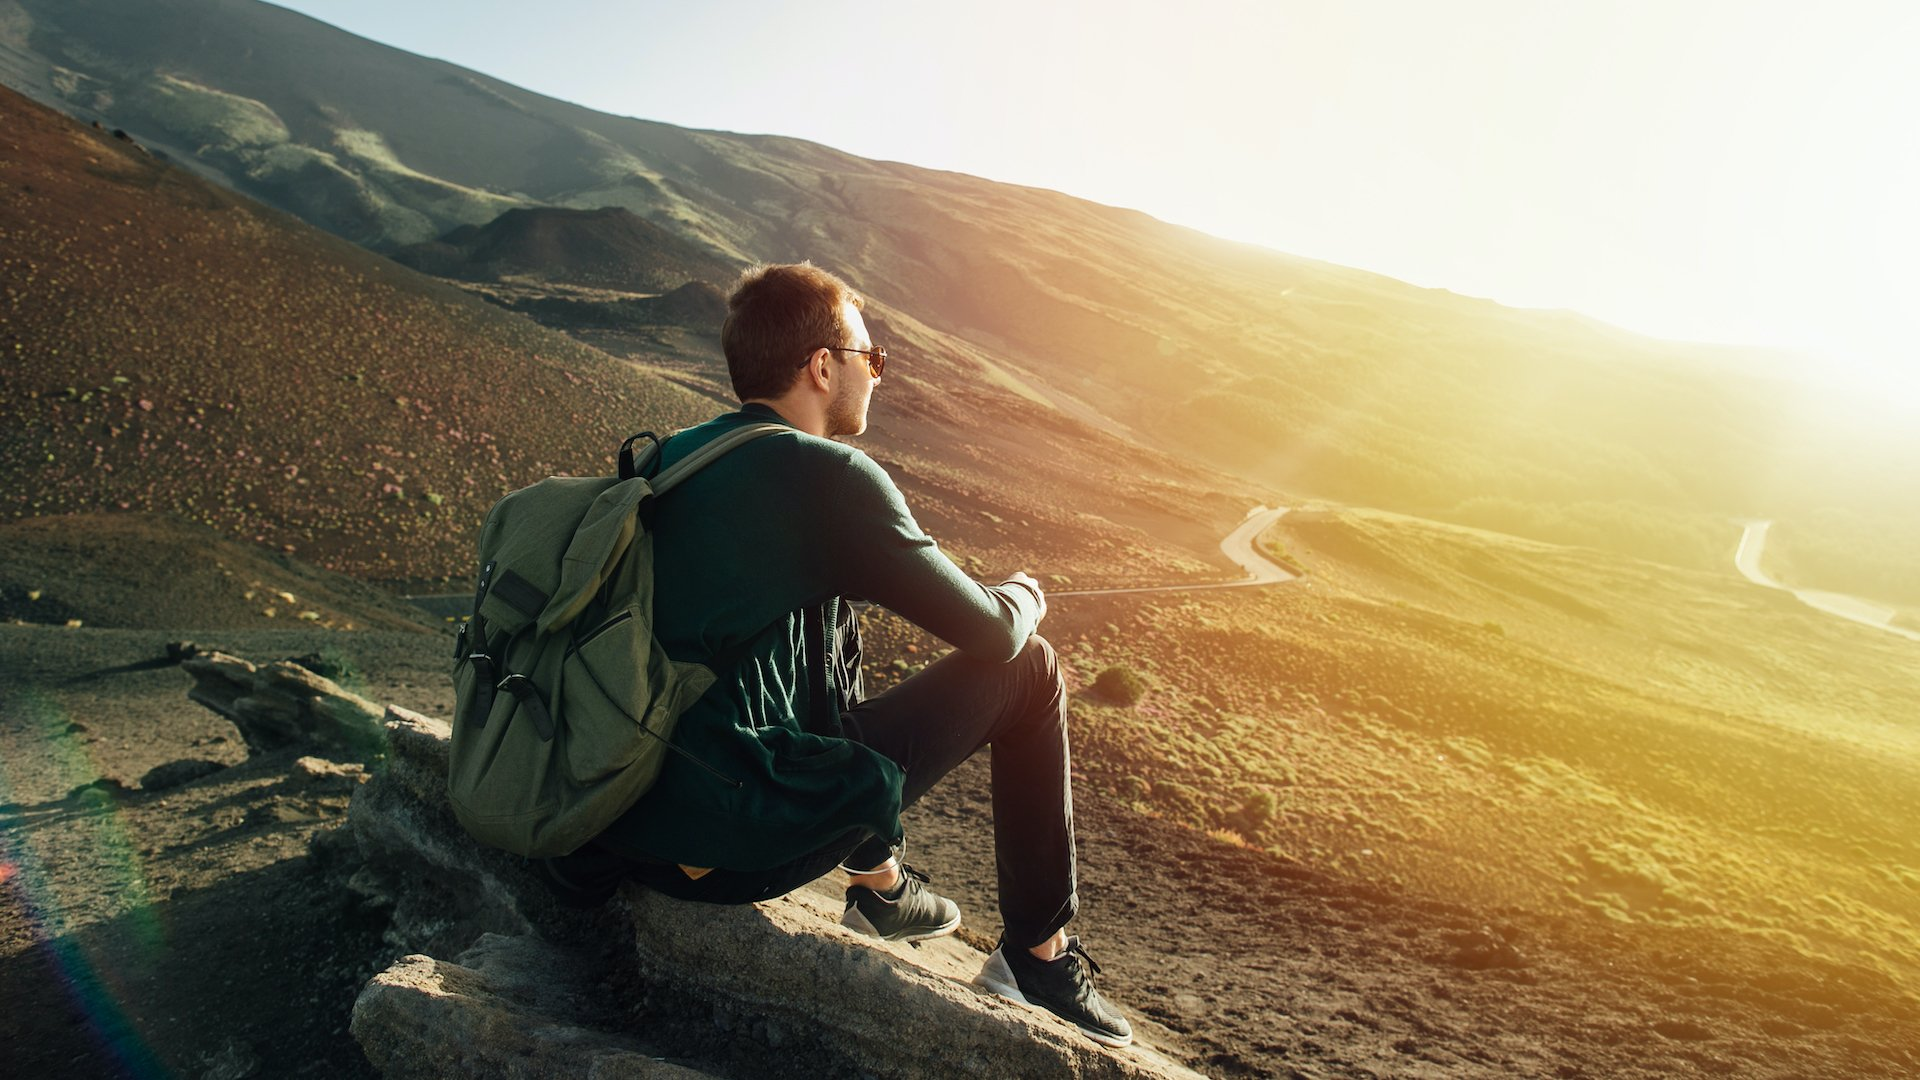 ¿Cuándo se podrá volver a viajar? (En algunos lugares, no será pronto)